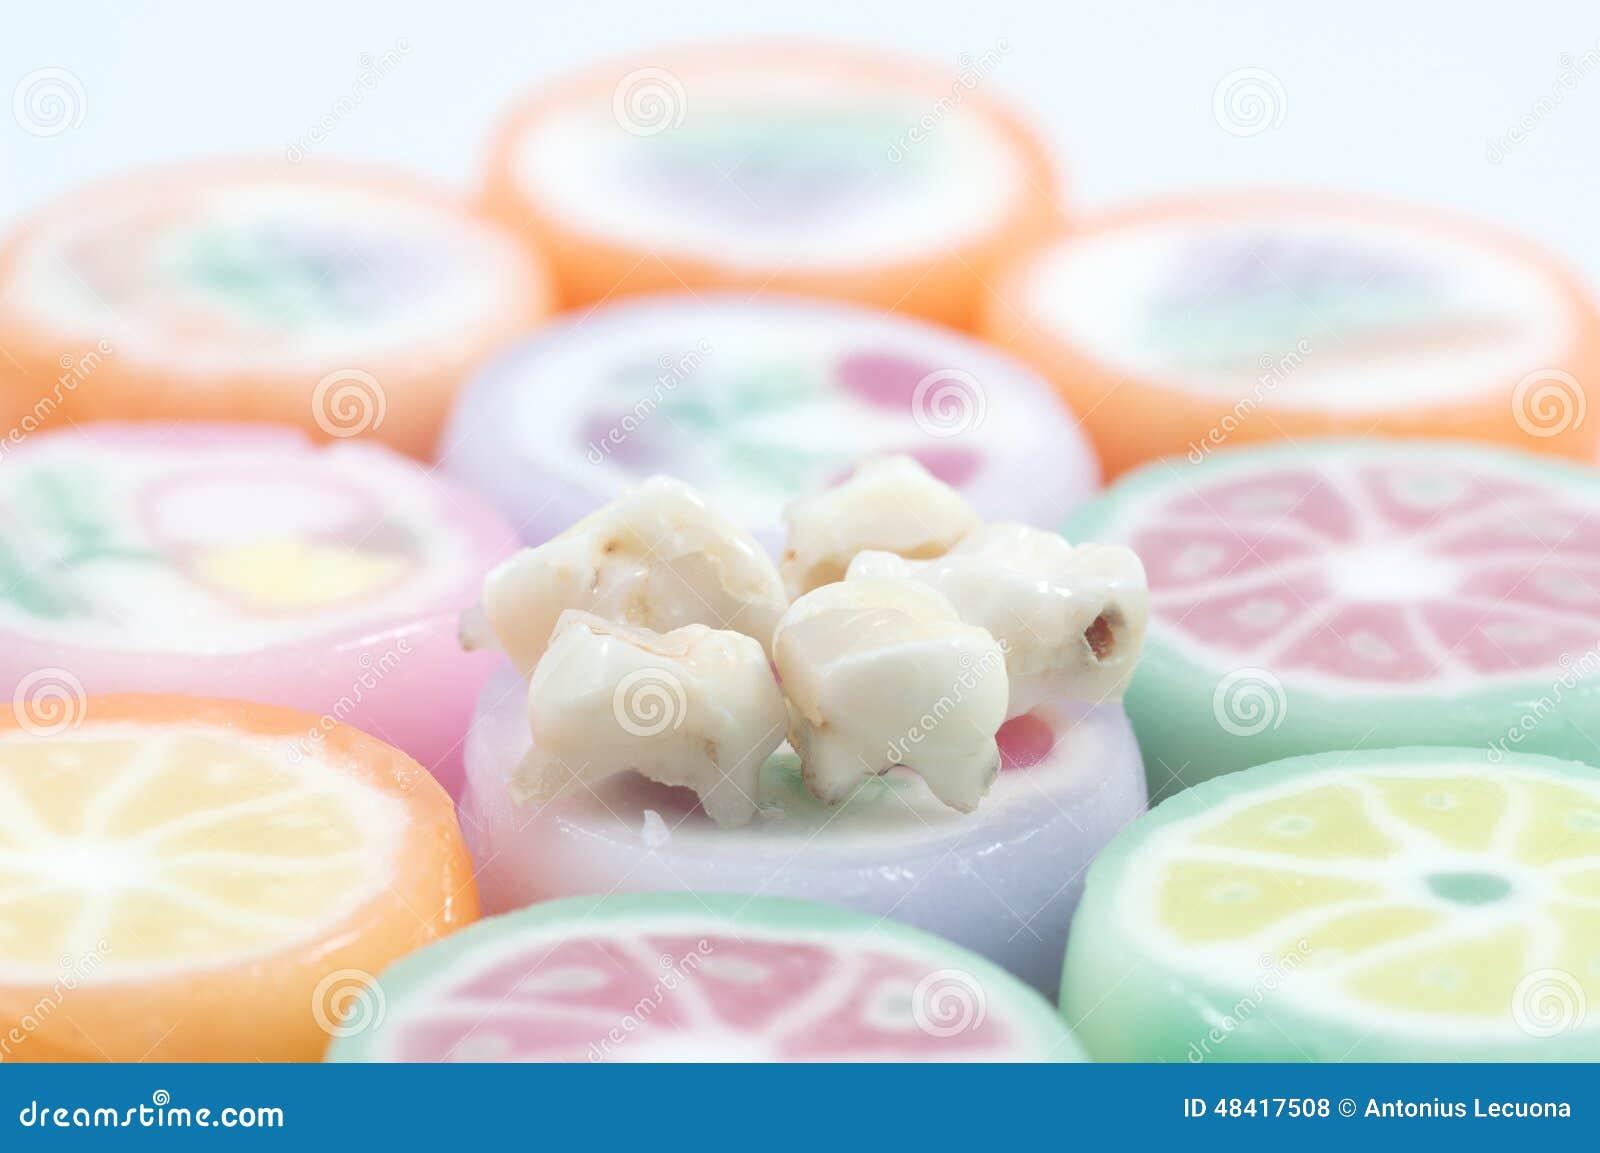 Dents de lait sur des bonbons à sucrerie